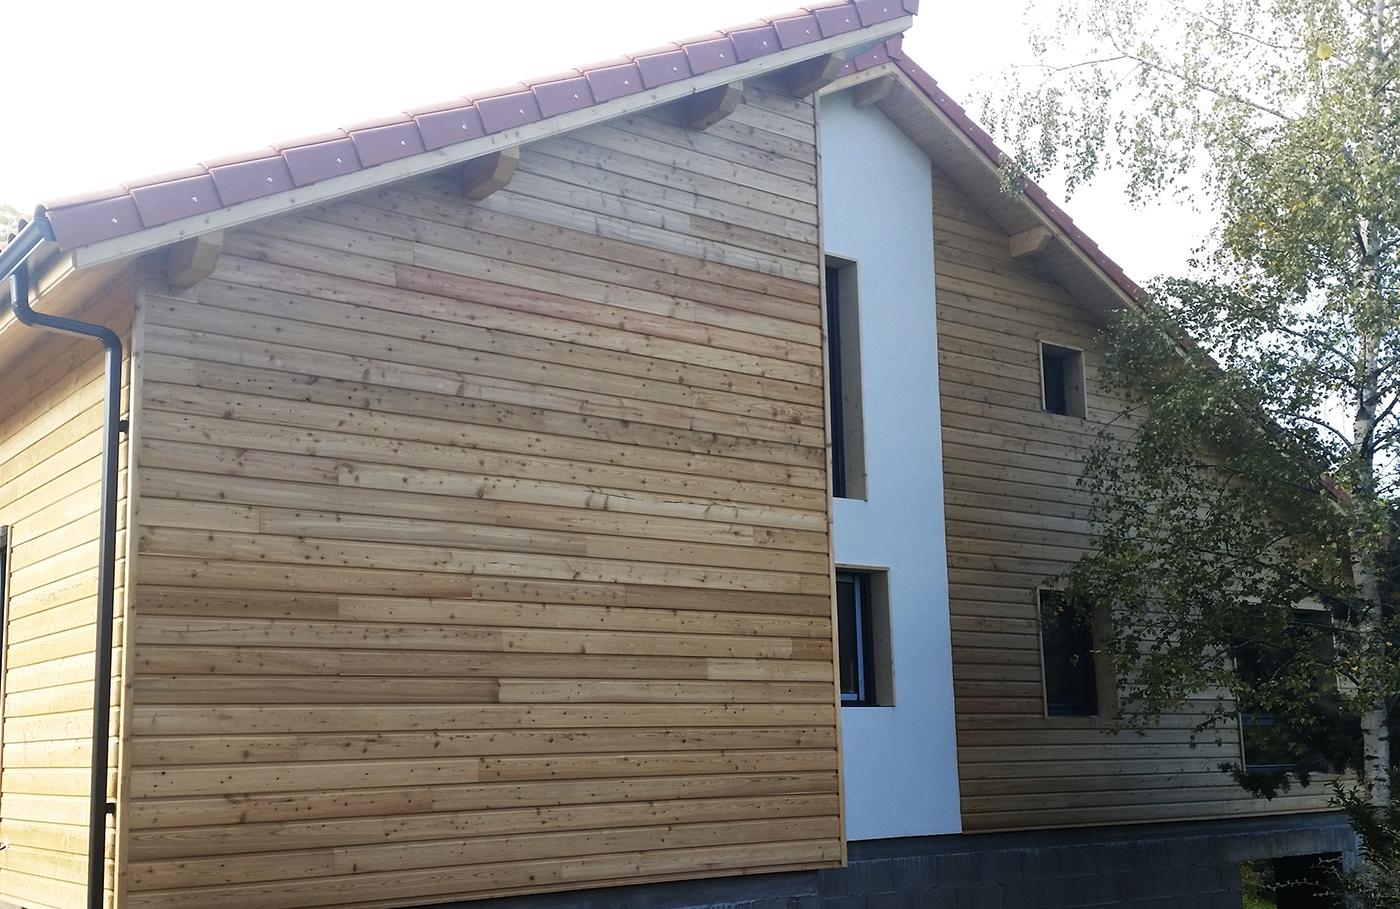 Bardage maison ossature bois maison ossature bois bardage for Bardage bois maison ancienne